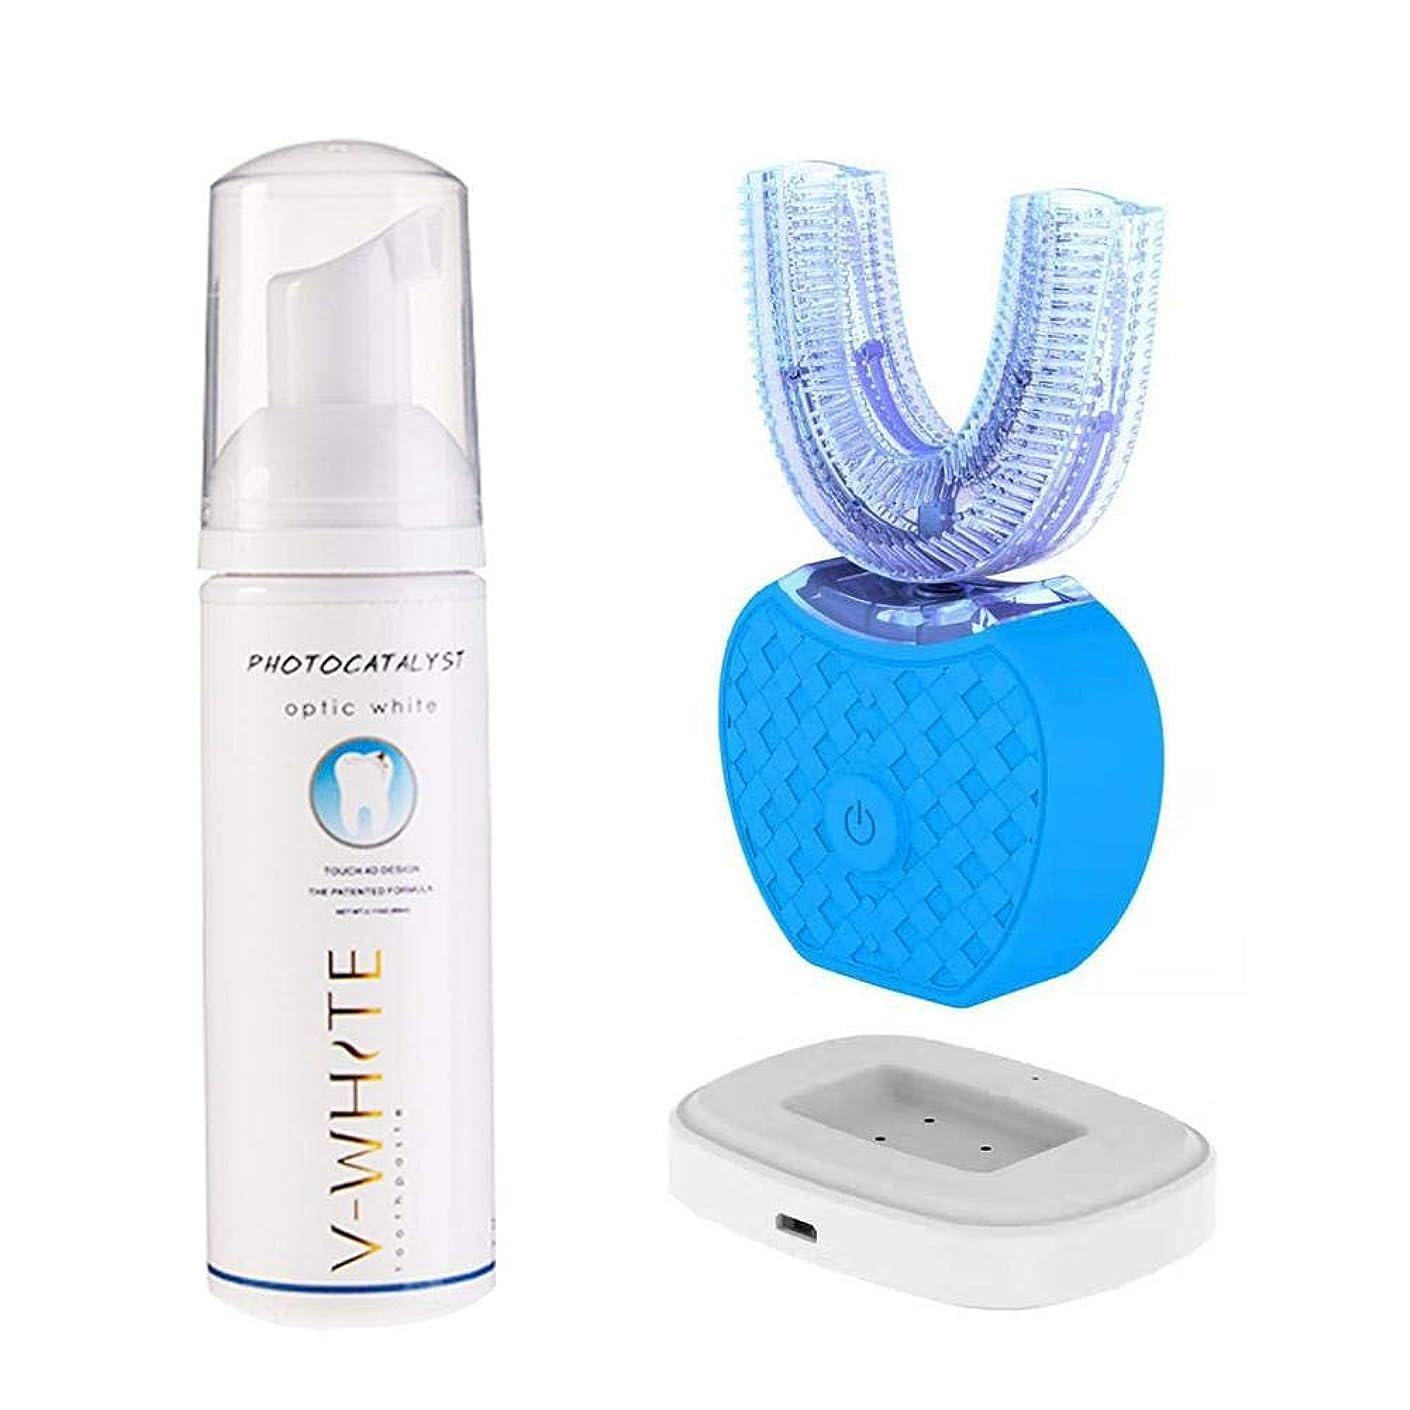 FECHO 電動歯ブラシ 超音波電動歯ブラシ 360°U型電動歯ブラシ 全方位 怠け者歯ブラシ ワイヤレス充電 IPX7防水 歯垢除去